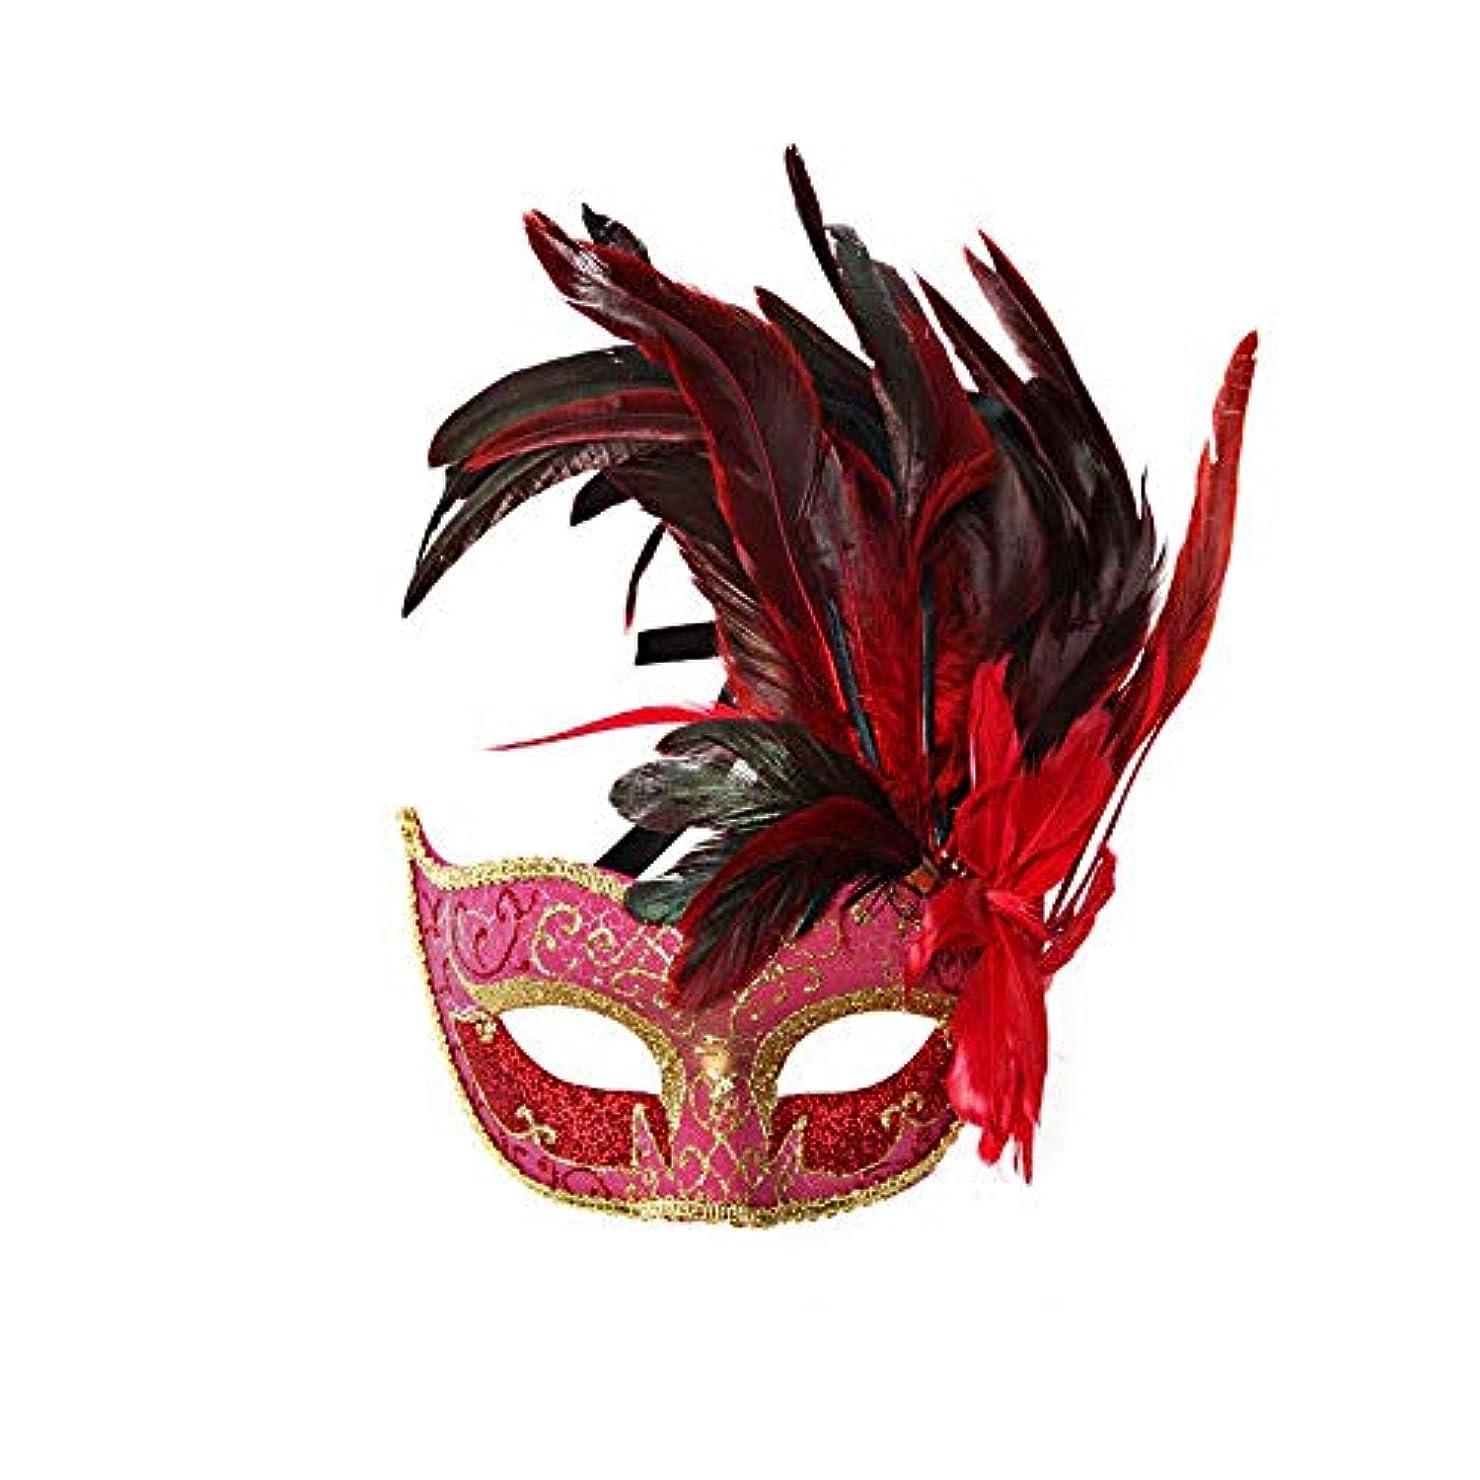 どれ主権者独特のNanle ハロウィンマスクハーフフェザーマスクベニスプリンセスマスク美容レース仮面ライダーコスプレ (色 : Style A red)